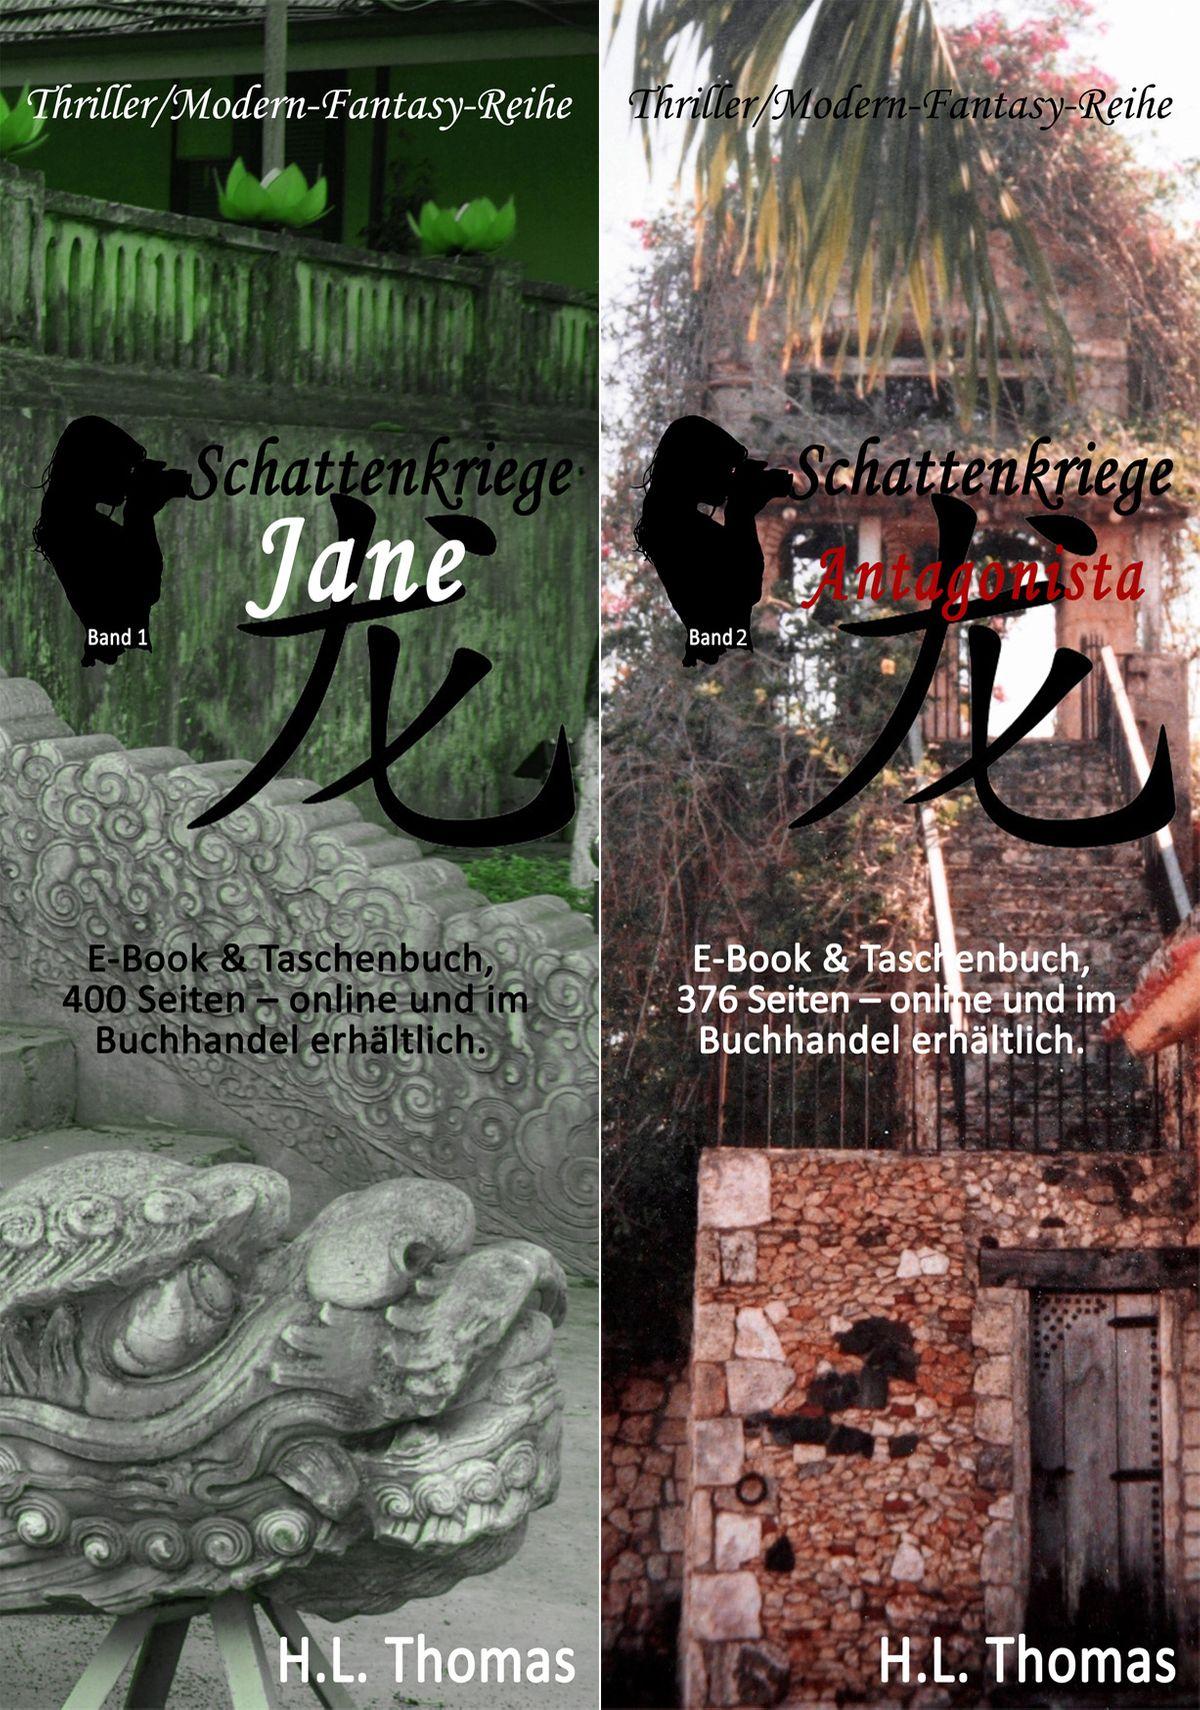 Lesezeichen, Buchwerbung, Thriller, Modern-Fantasy, Schattenkriege